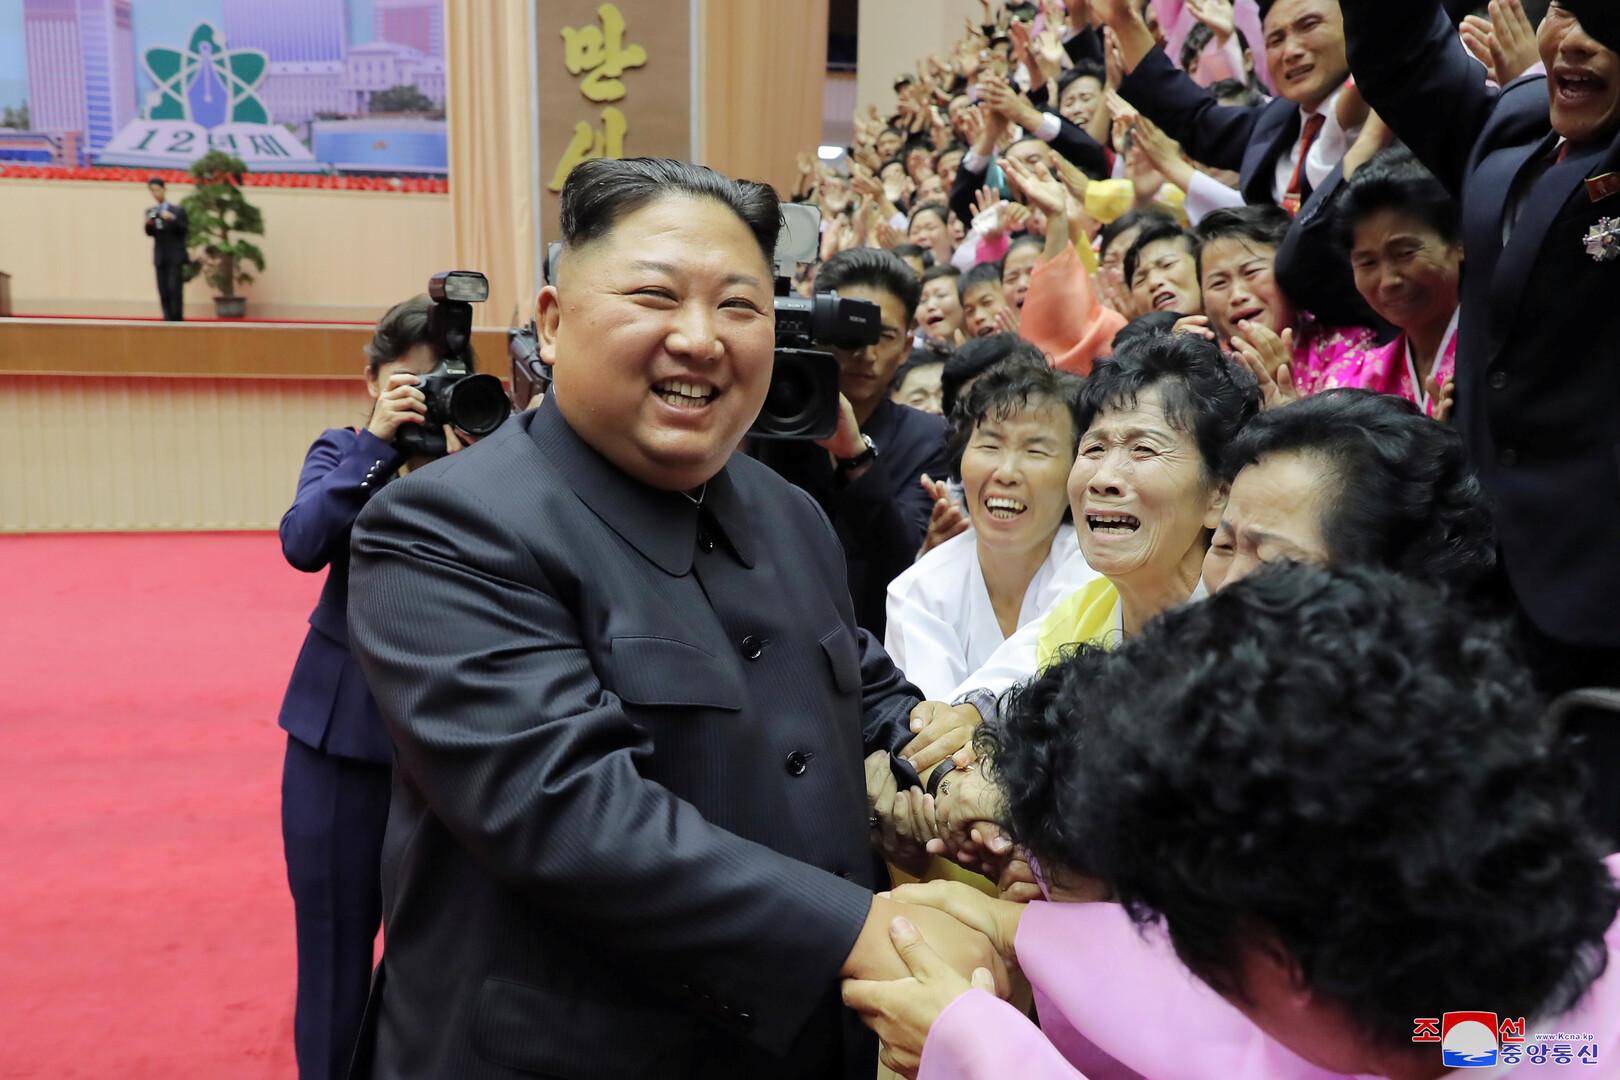 تعيين خبير في المدفعية قائدا للجيش في كوريا الشمالية